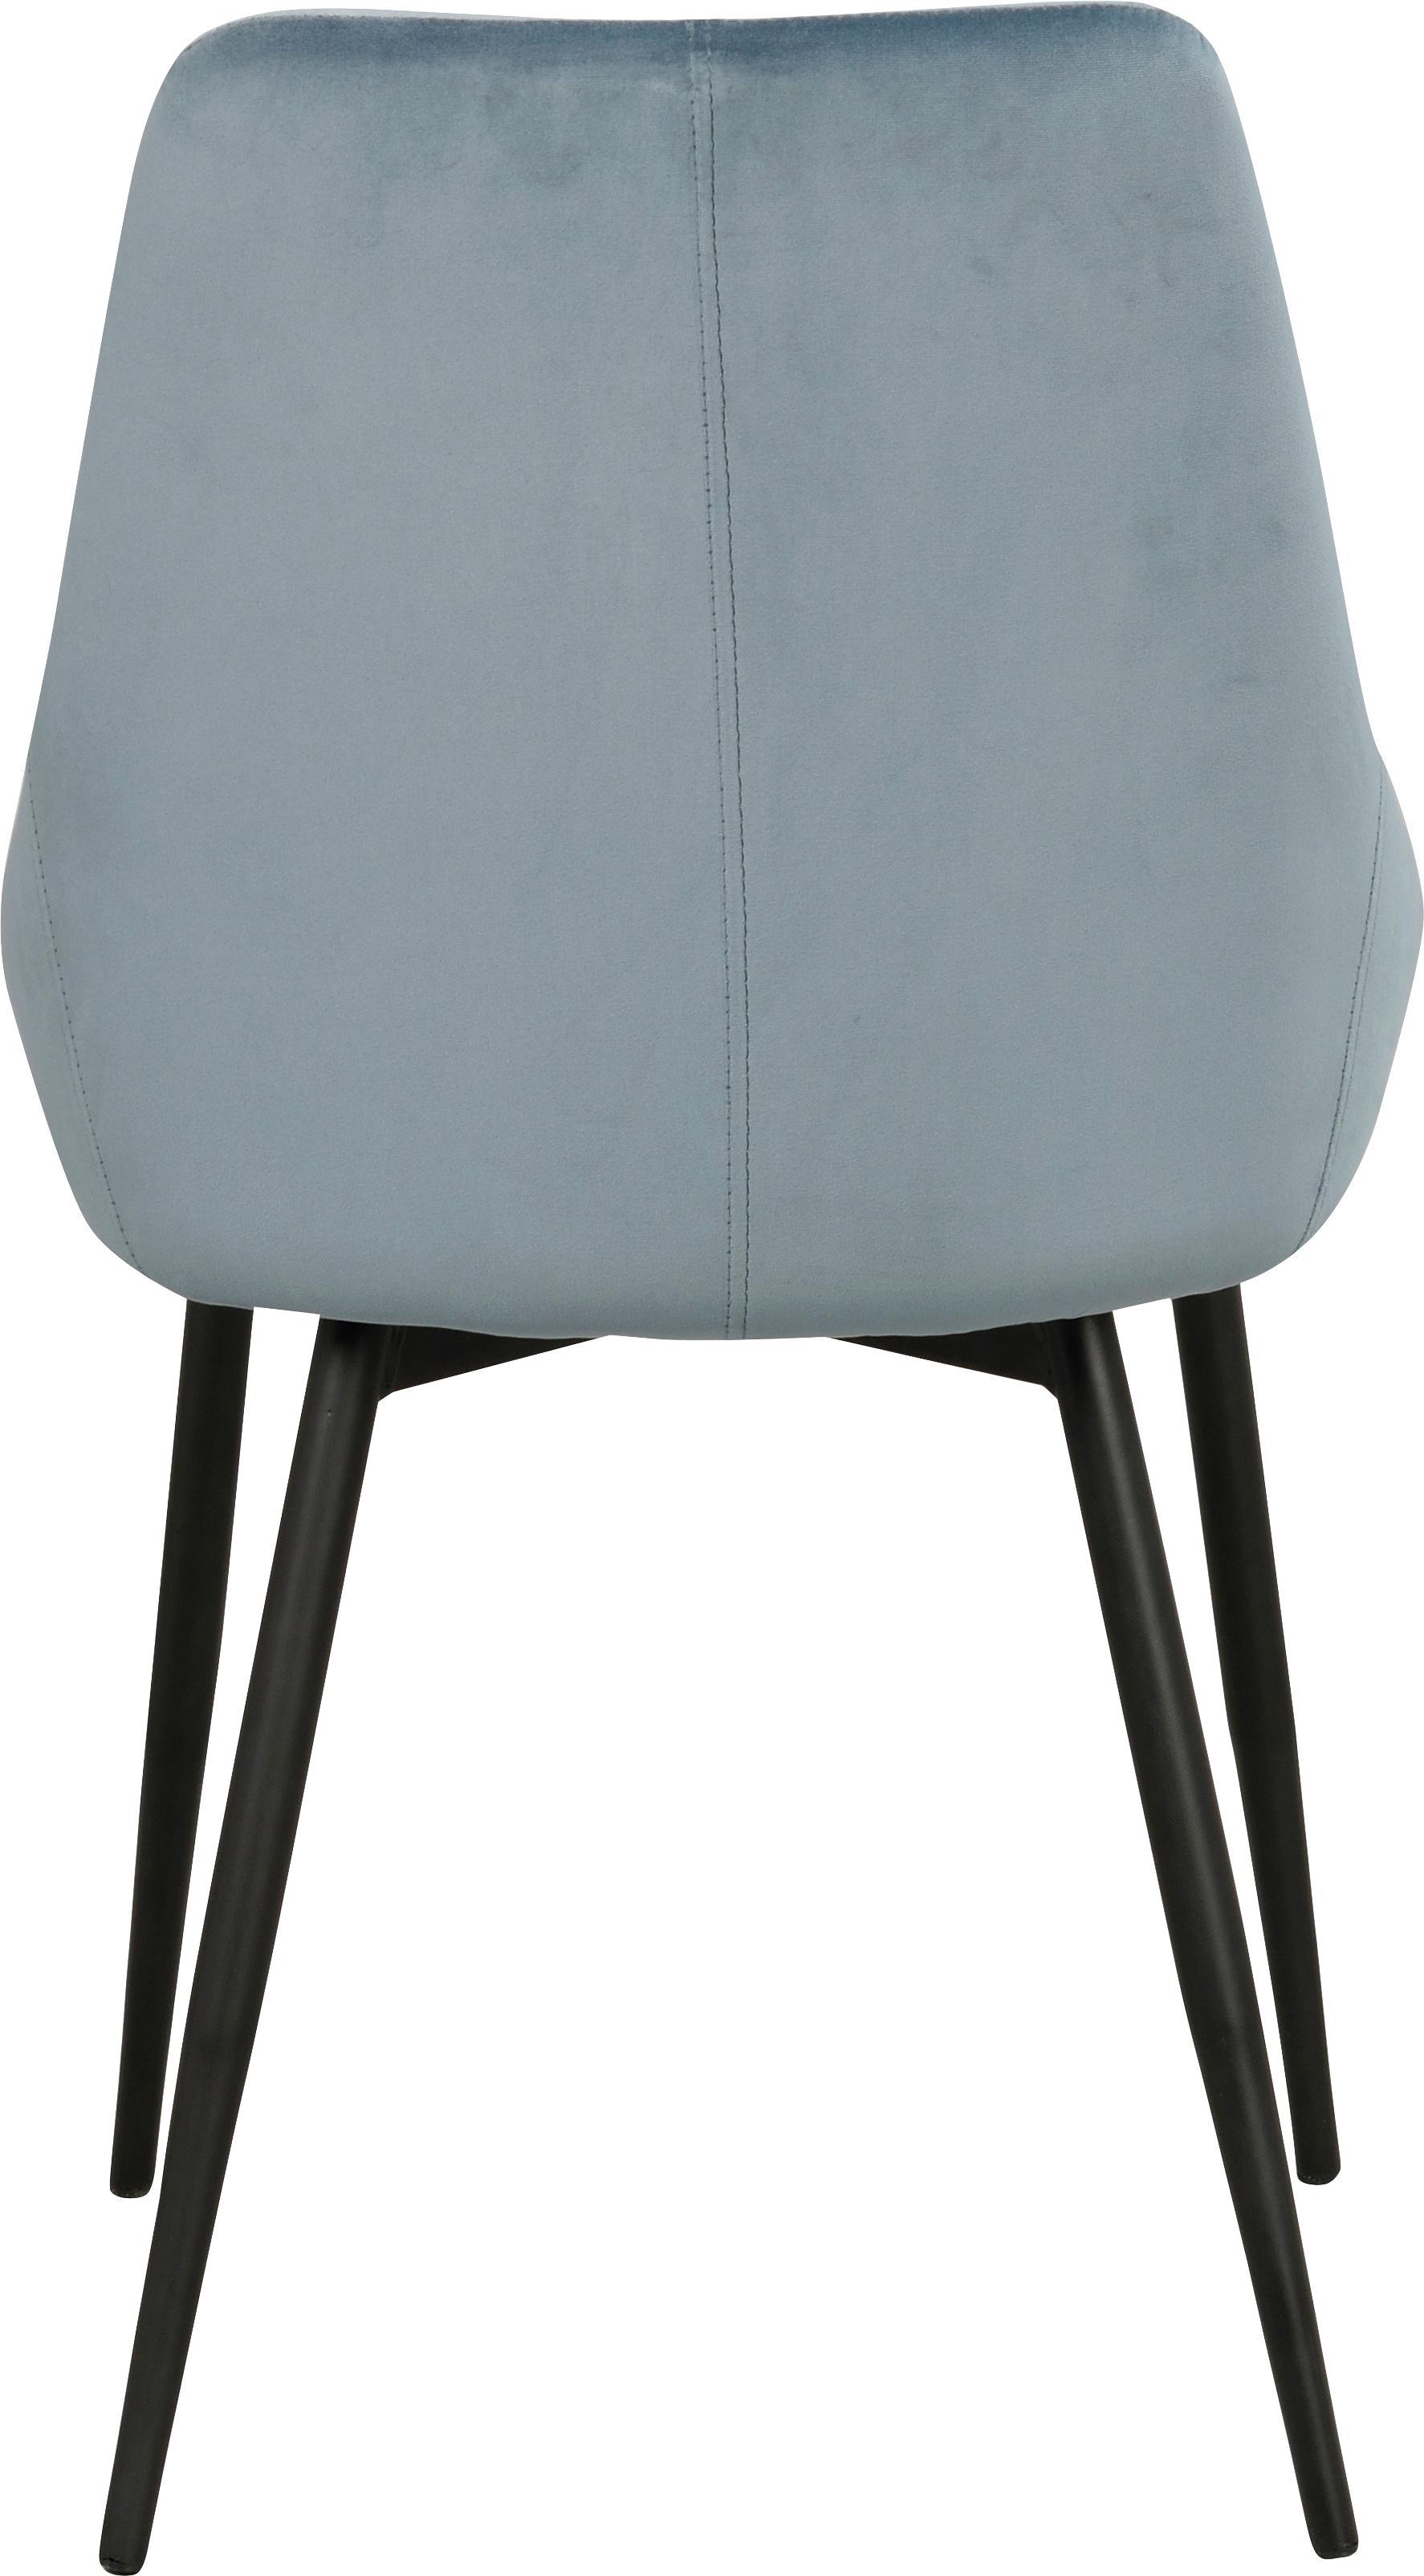 Samt-Polsterstühle Sierra, 2 Stück, Bezug: Polyestersamt Der strapaz, Beine: Metall, lackiert, Samt Blau, Beine Schwarz, B 49 x T 55 cm